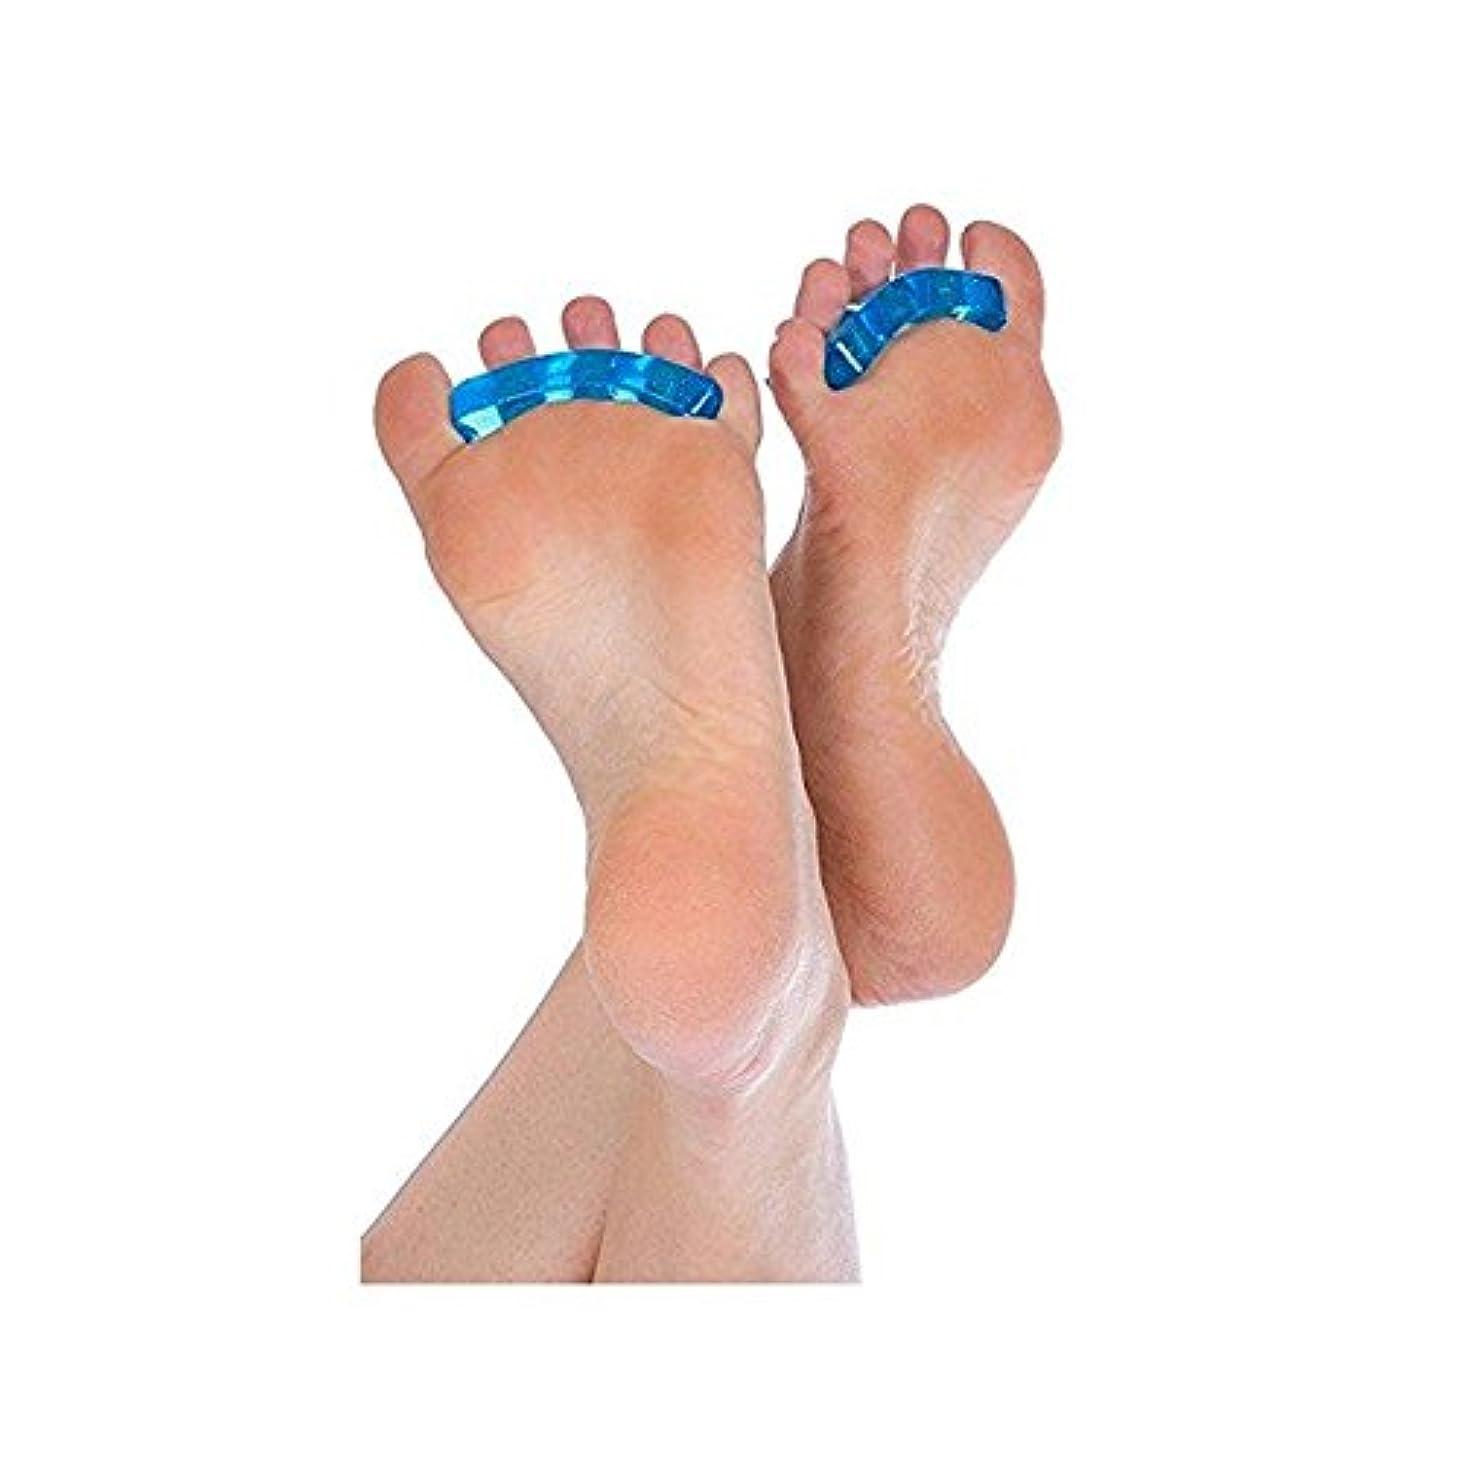 寛容速度しばしば爪デバイダSEBS指の爪セパレータパッド分離パッドネイル特別な分離ネイルツール6ペア